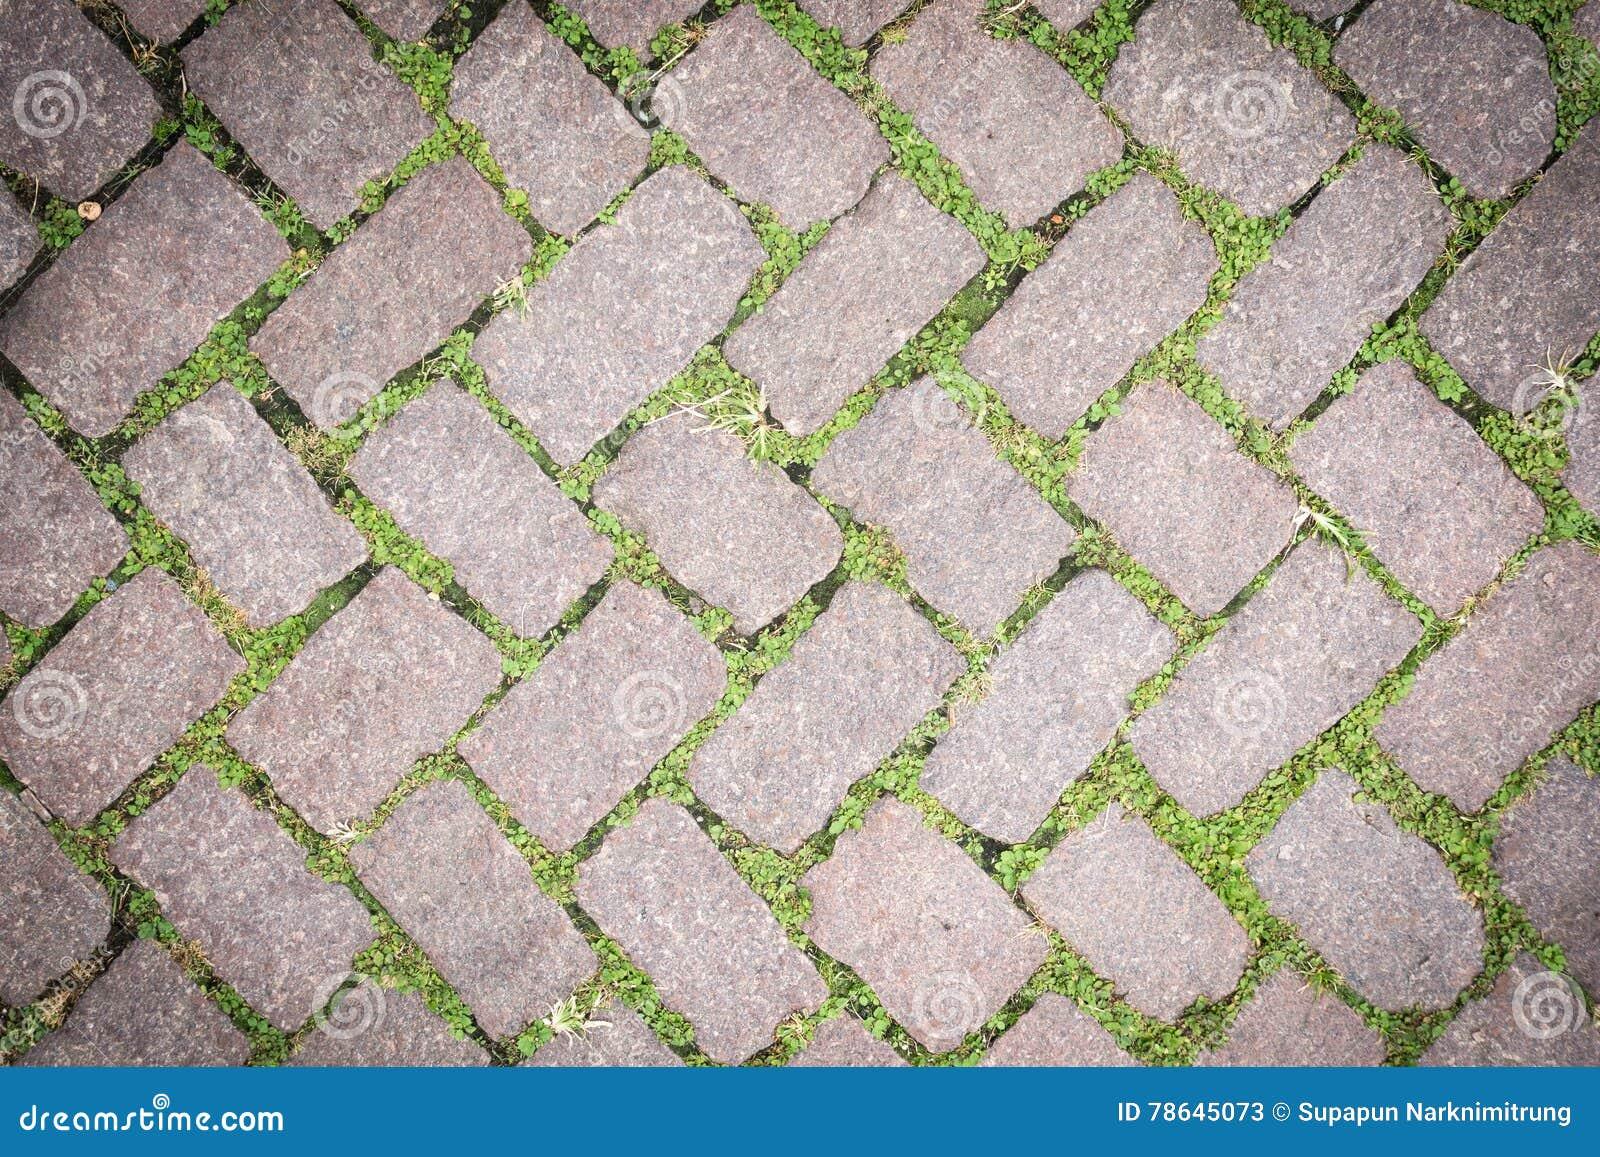 floor texture. Grass Stone Floor Texture Pavement Design  Stock Image of block green 78645073